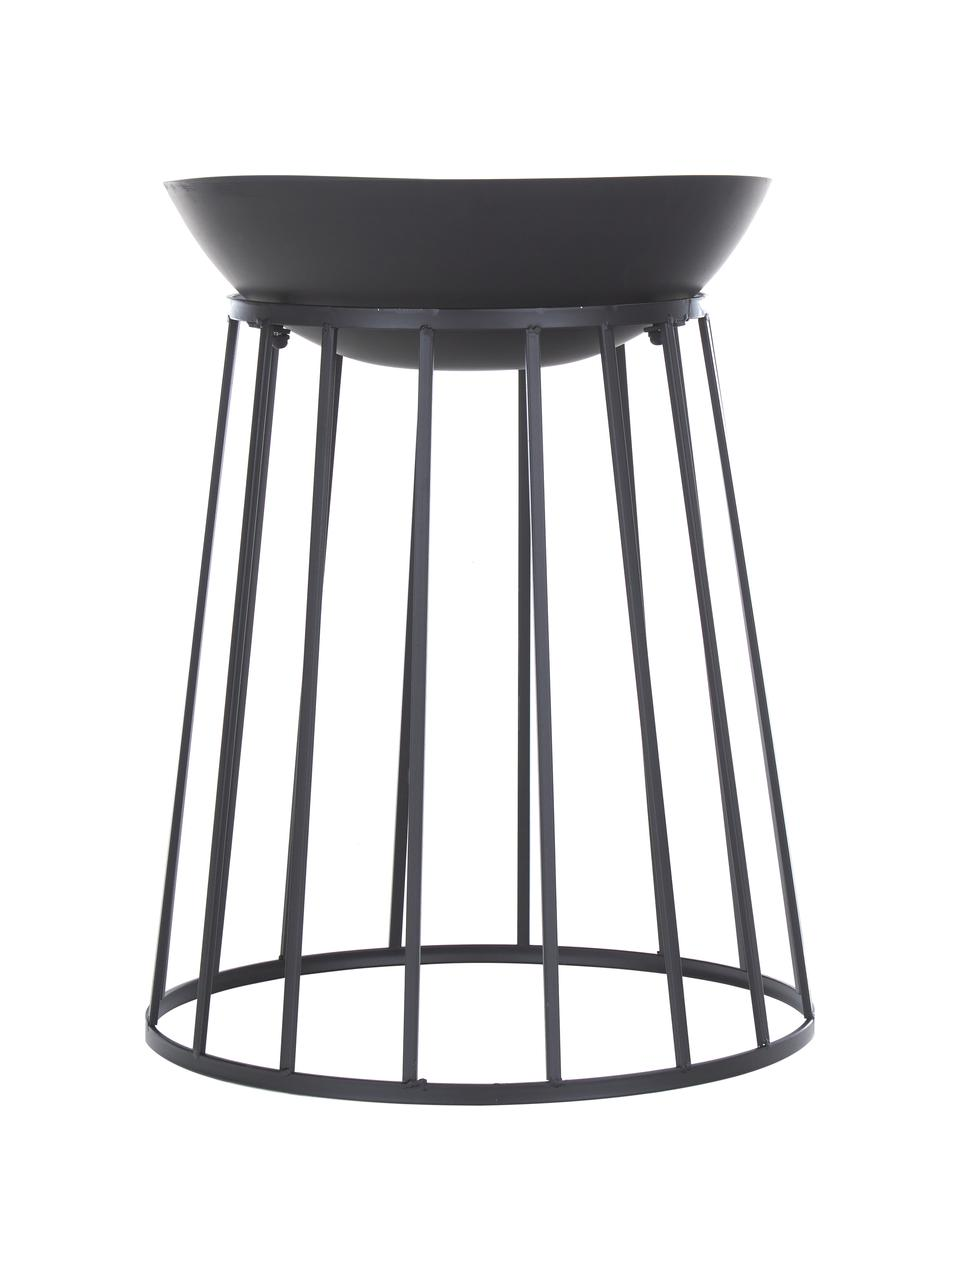 Feuerschale Efesto, Stahl, pulverbeschichtet, hochtemperaturbeständig, Schwarz, Ø 50 x H 63 cm